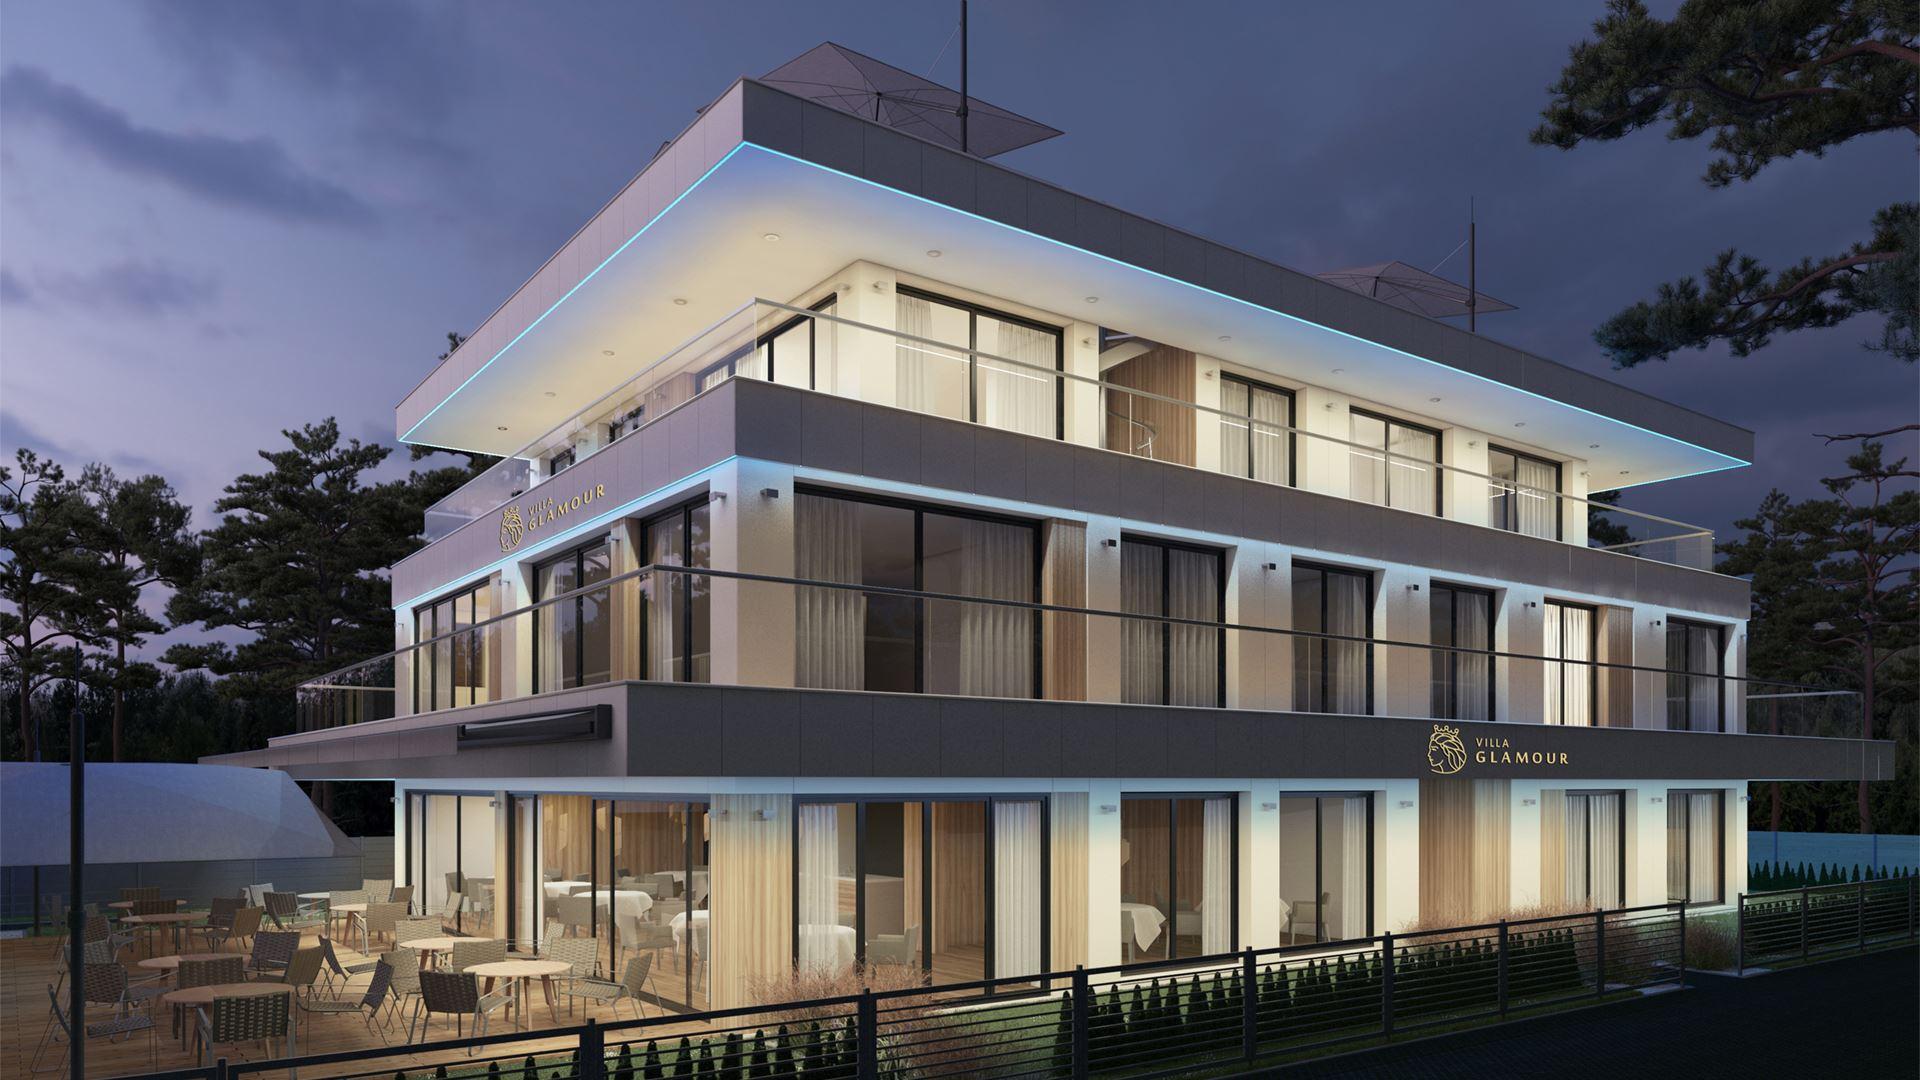 villa glamour apartamenty na sprzedaz (11)